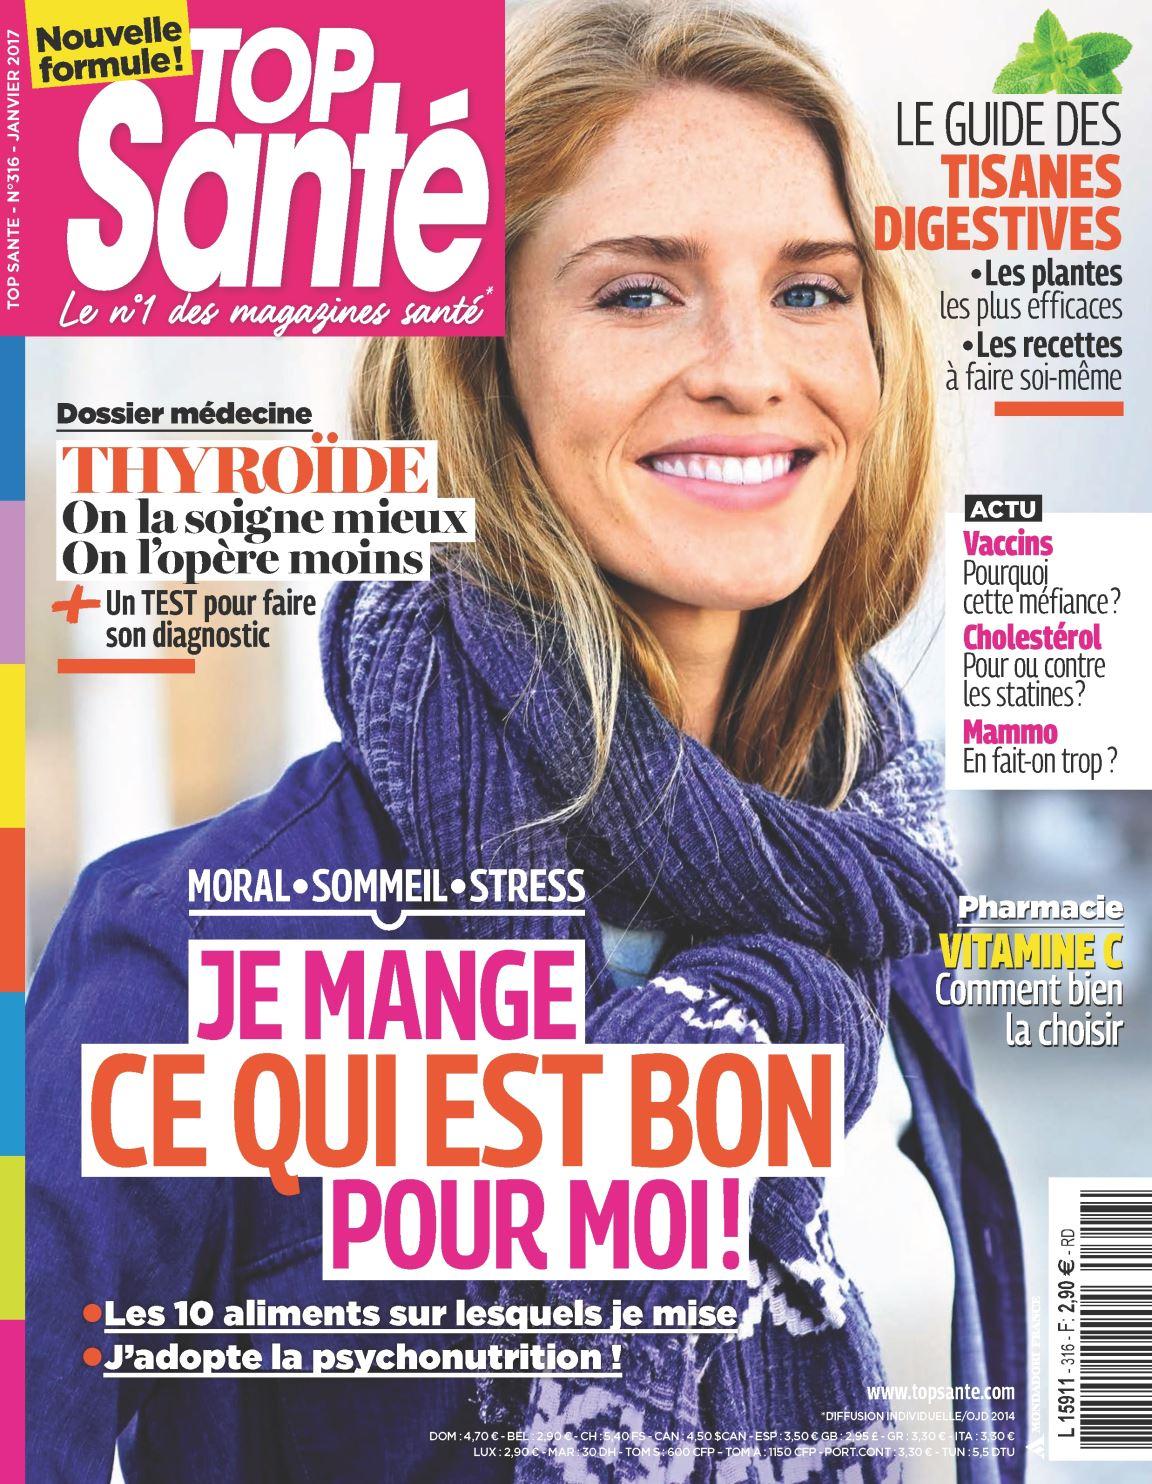 Top Santé 316 - Janvier 2017